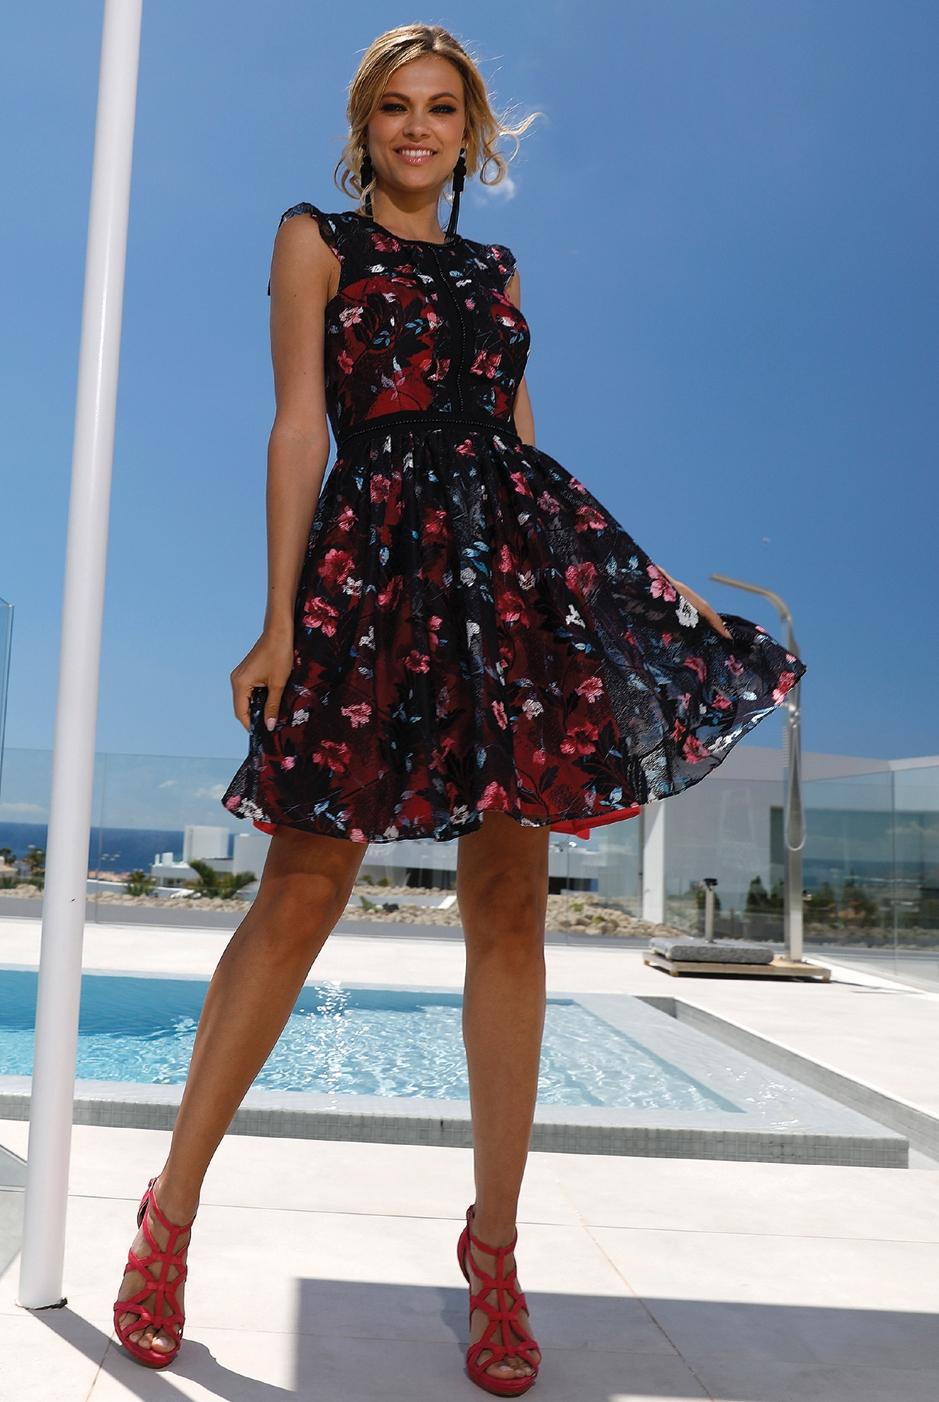 Suitejurk Linea Raffaelli - Tenerife 19-20 - Set 061 - 191-547-01cr